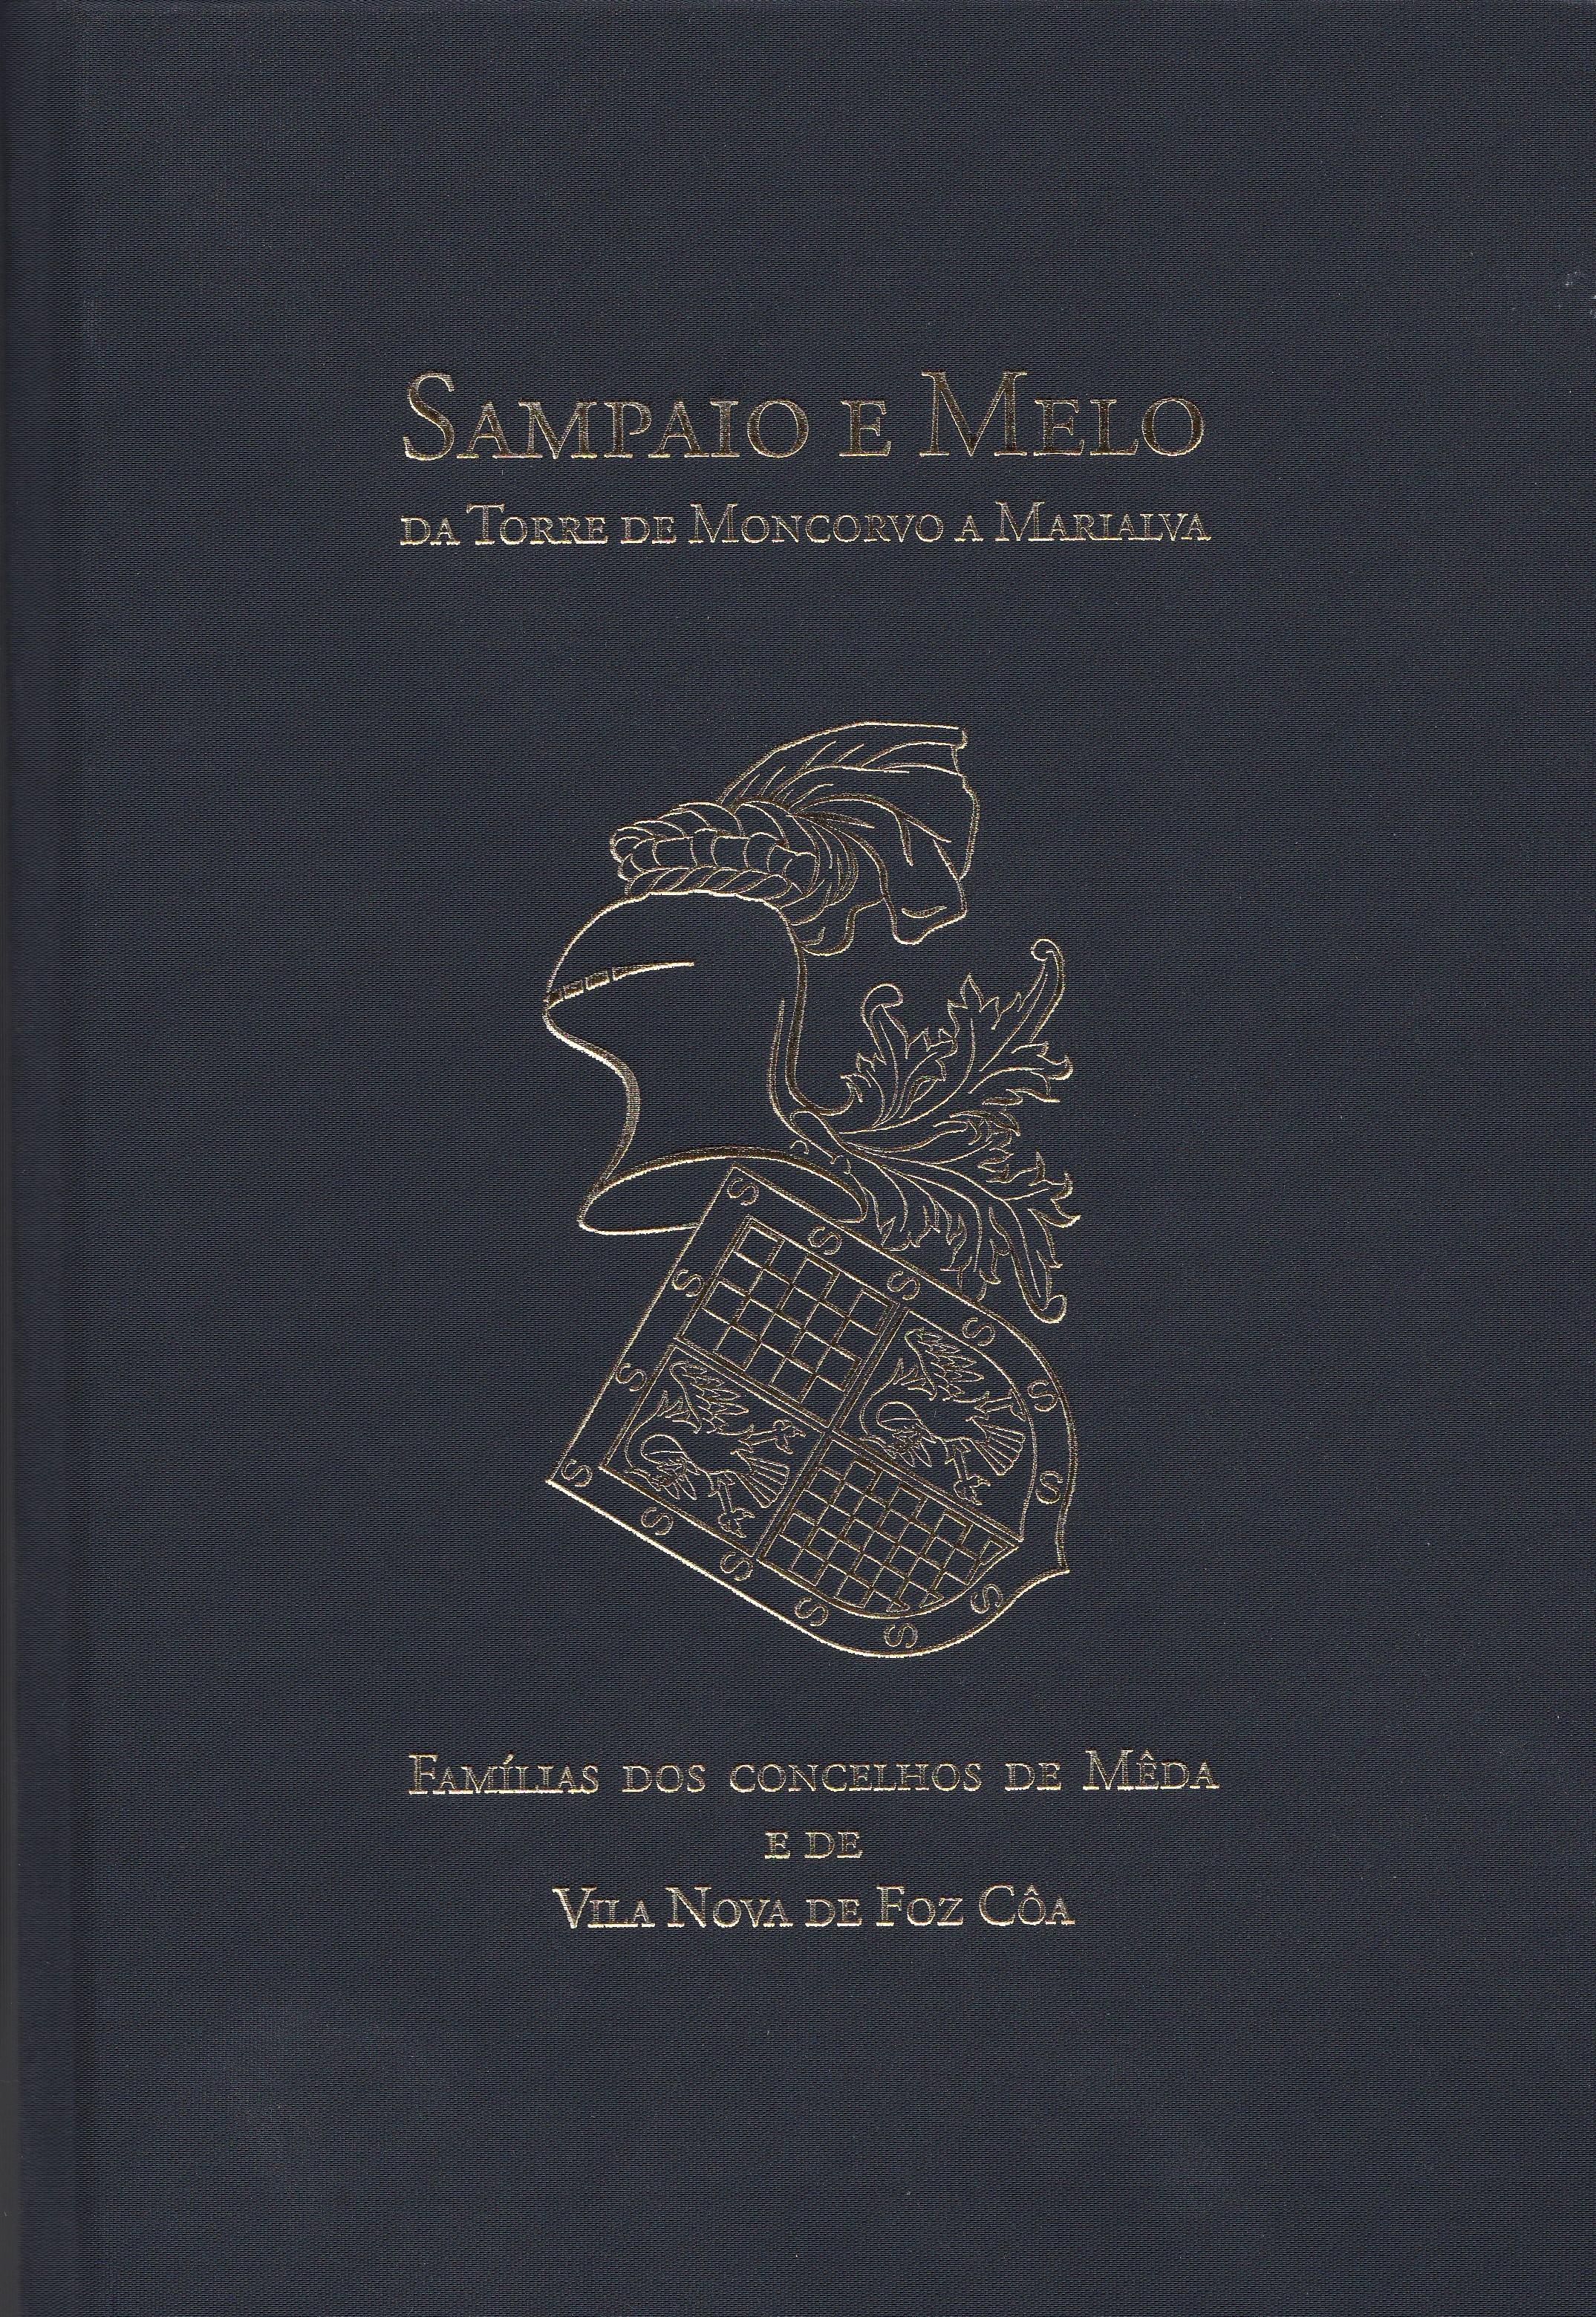 Sampaio-e-Melo